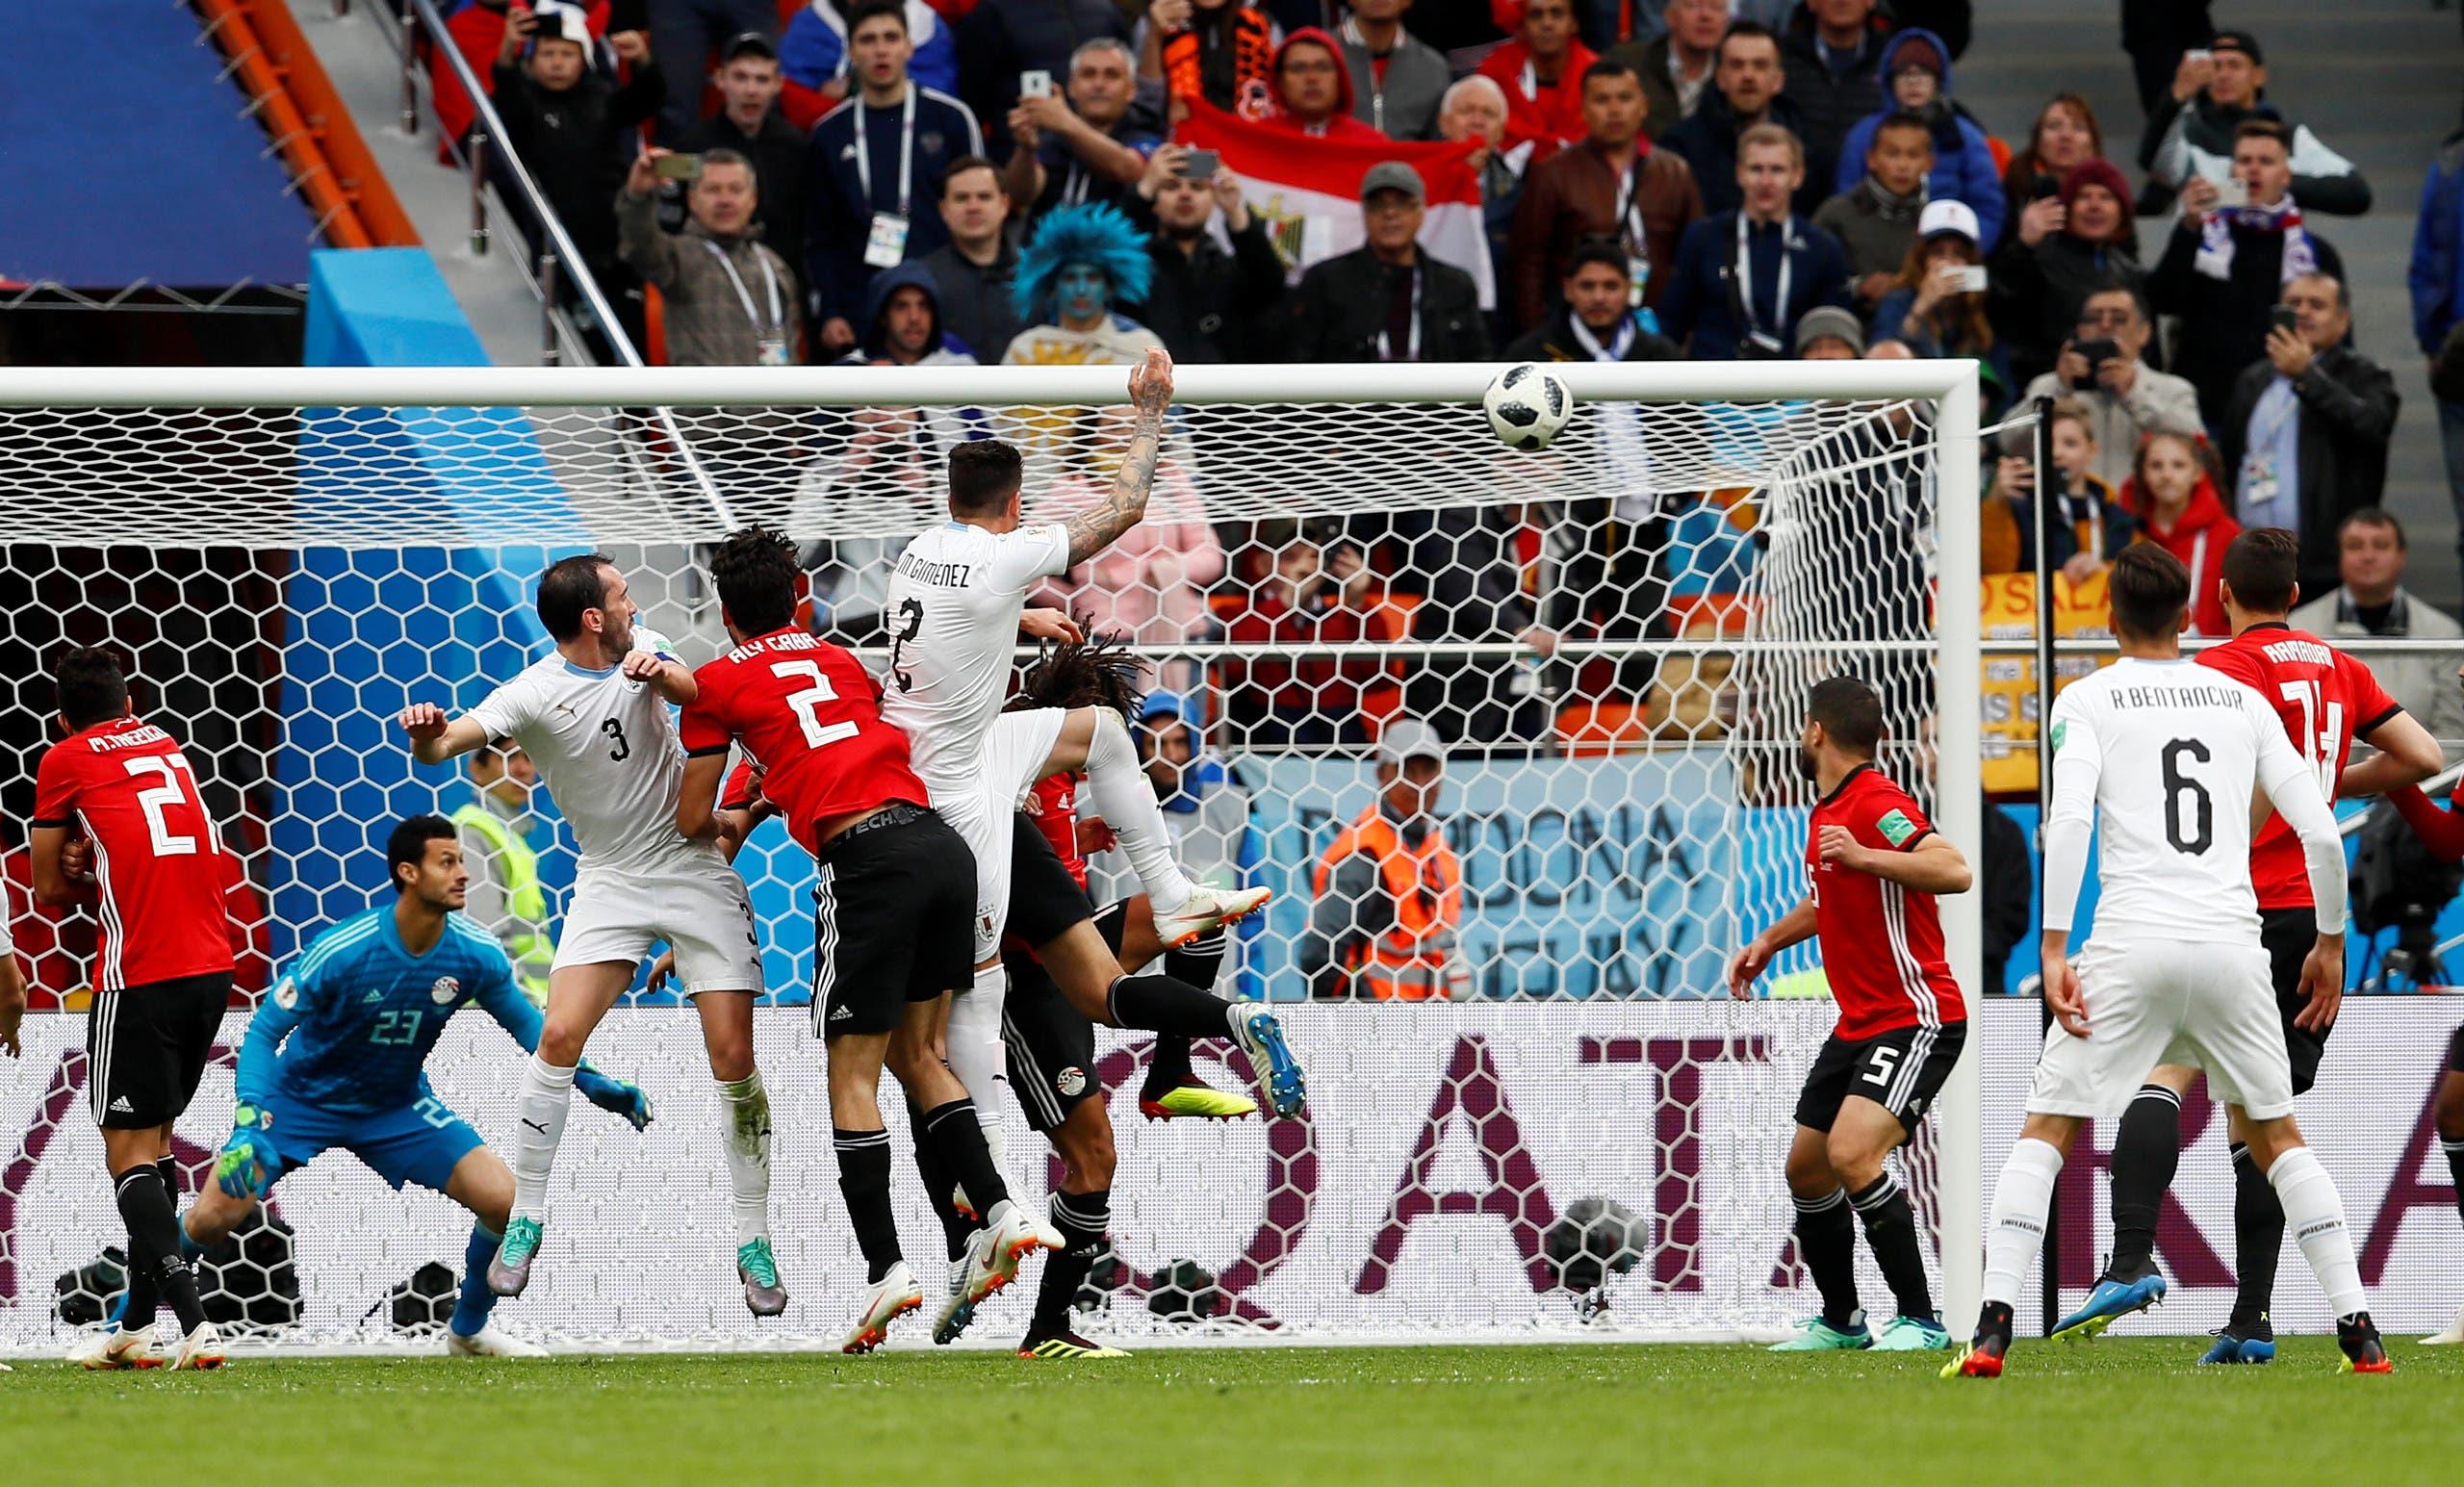 منتخب مصر خسر مباراة أوروغواي في الدقيقة الأخيرة